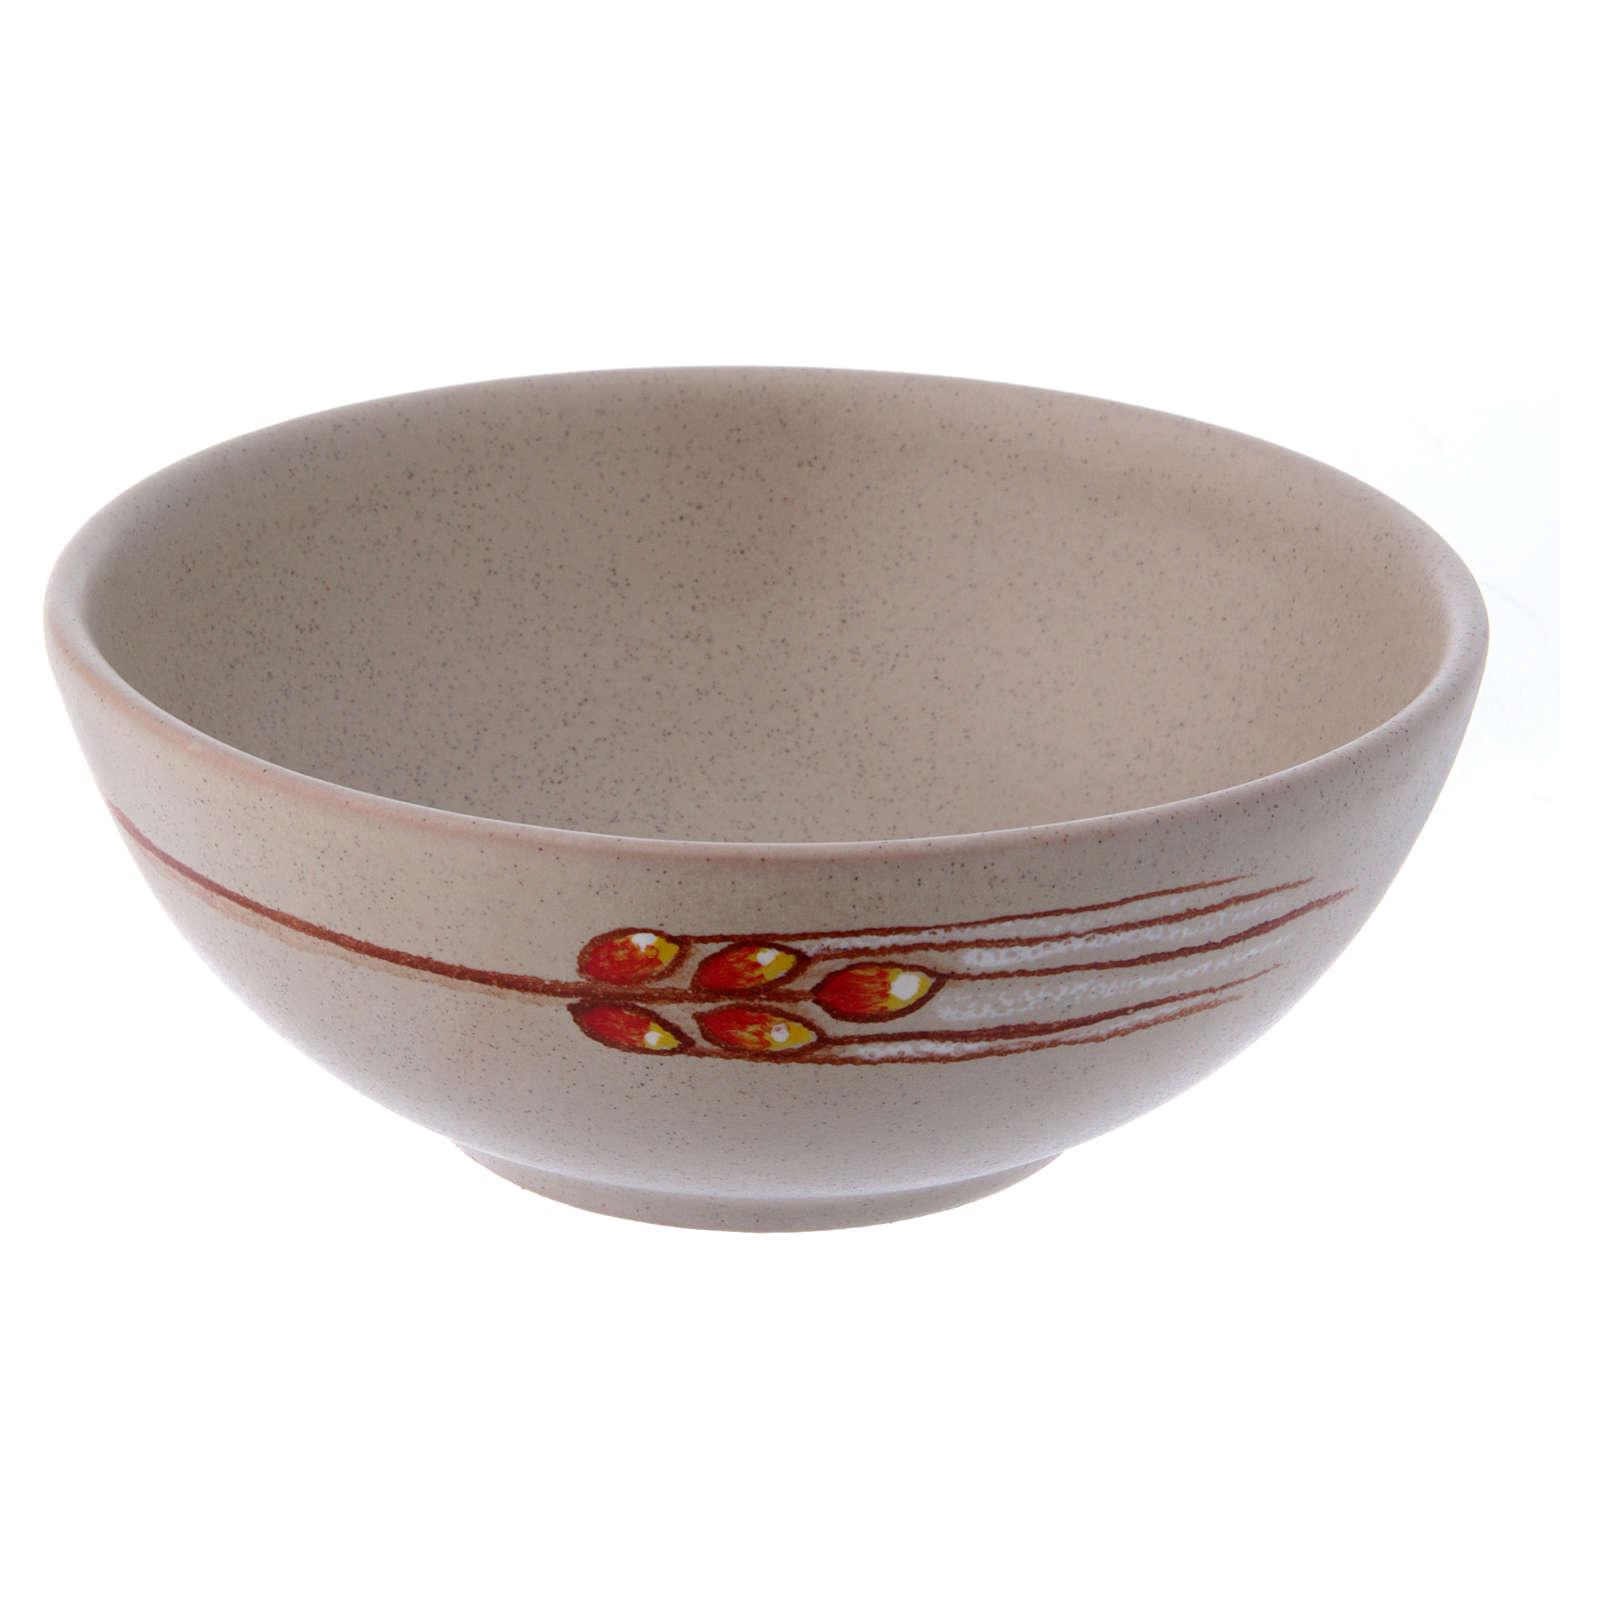 Ceramic paten 14 cm, Beige 4